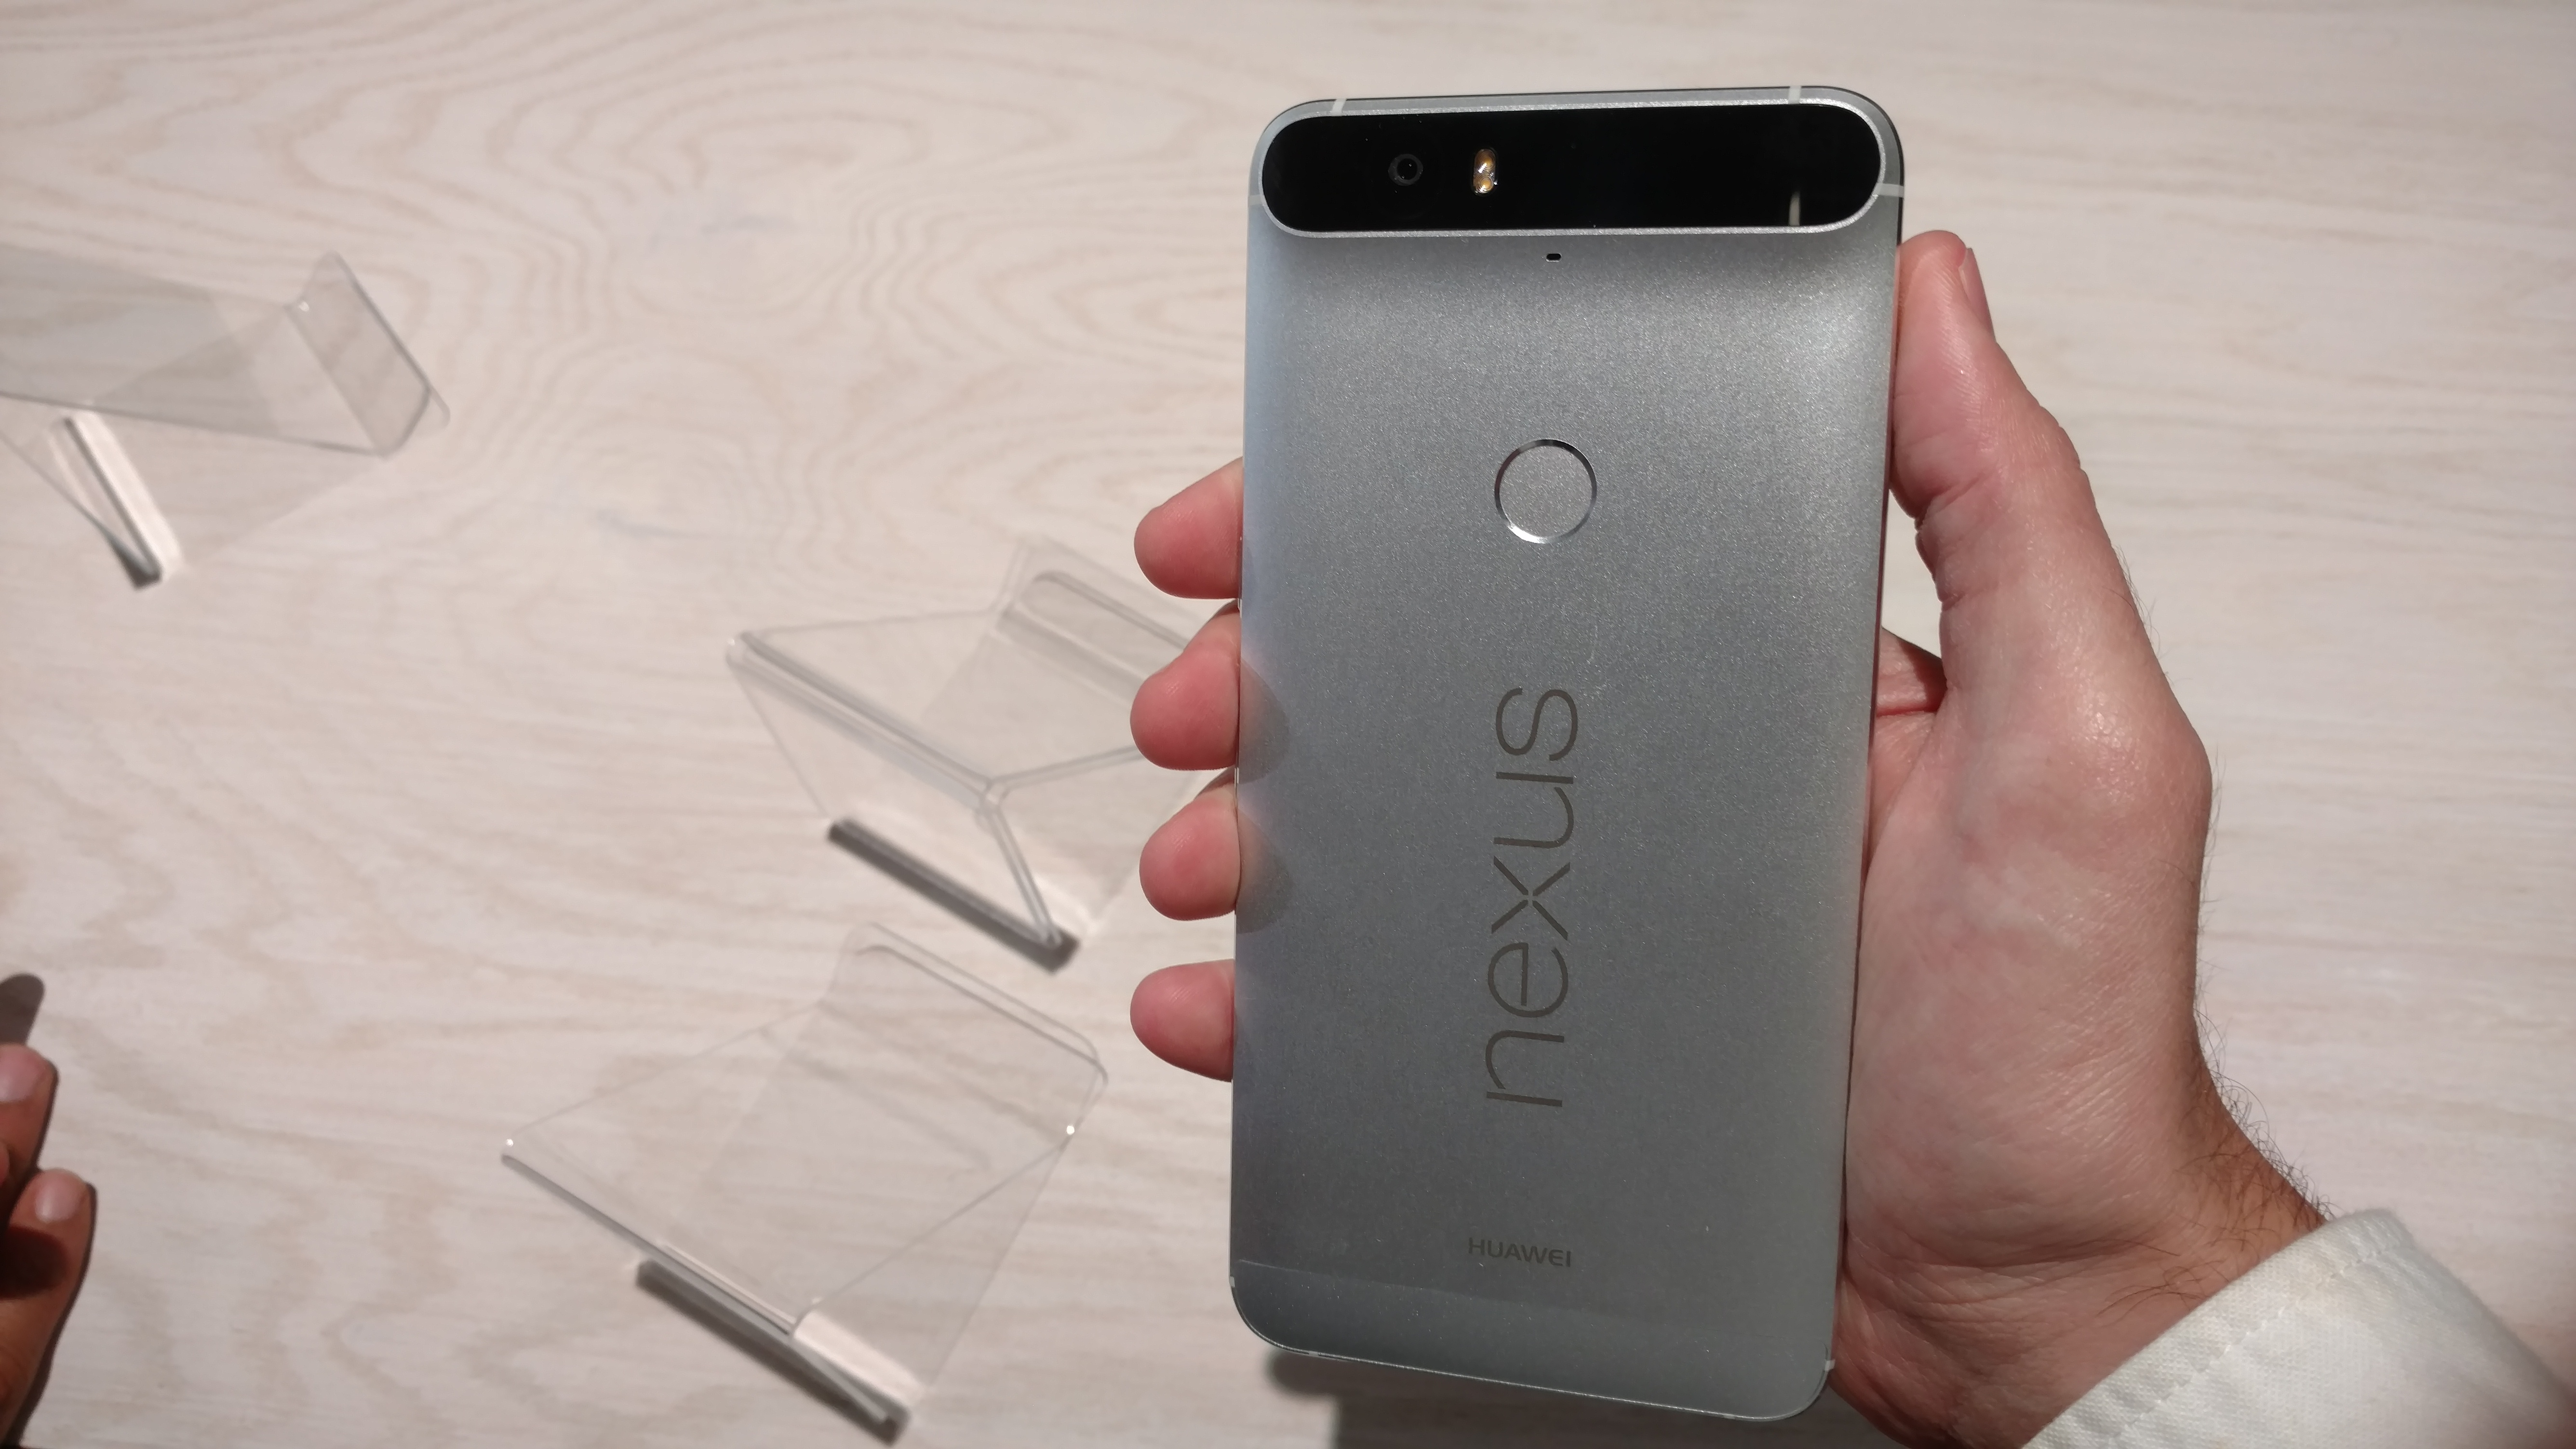 The back of Huawei's Nexus 6P.